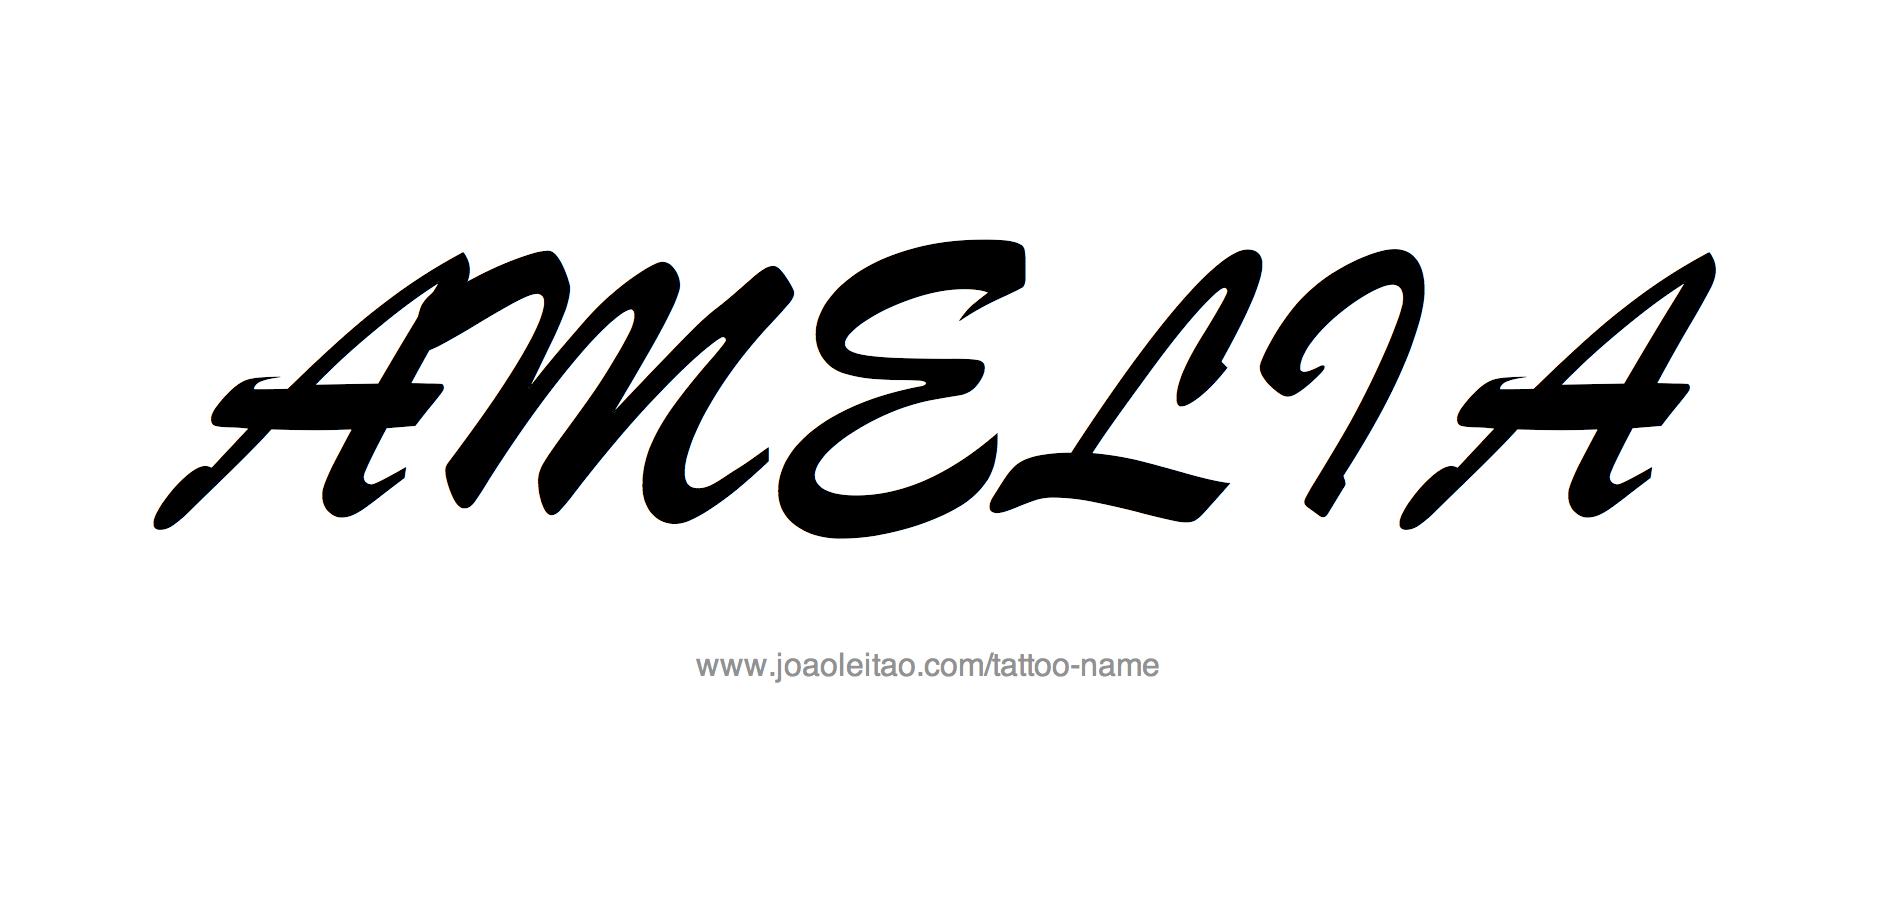 Tattoo Design Name Amelia